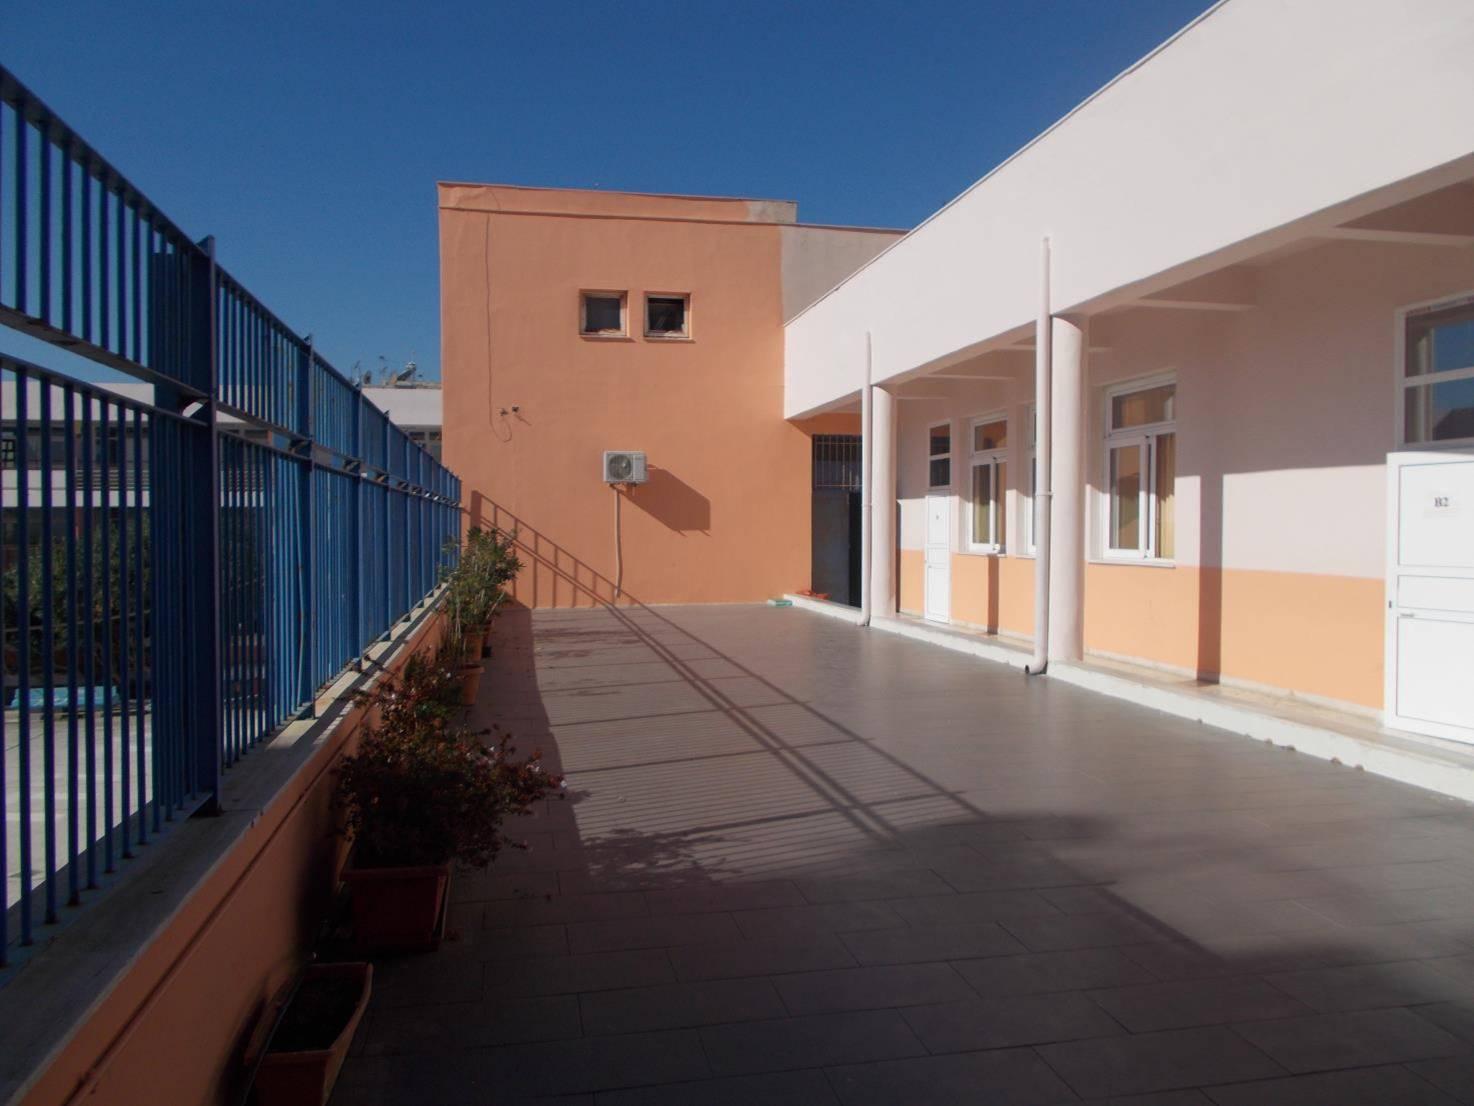 veranta1.jpg